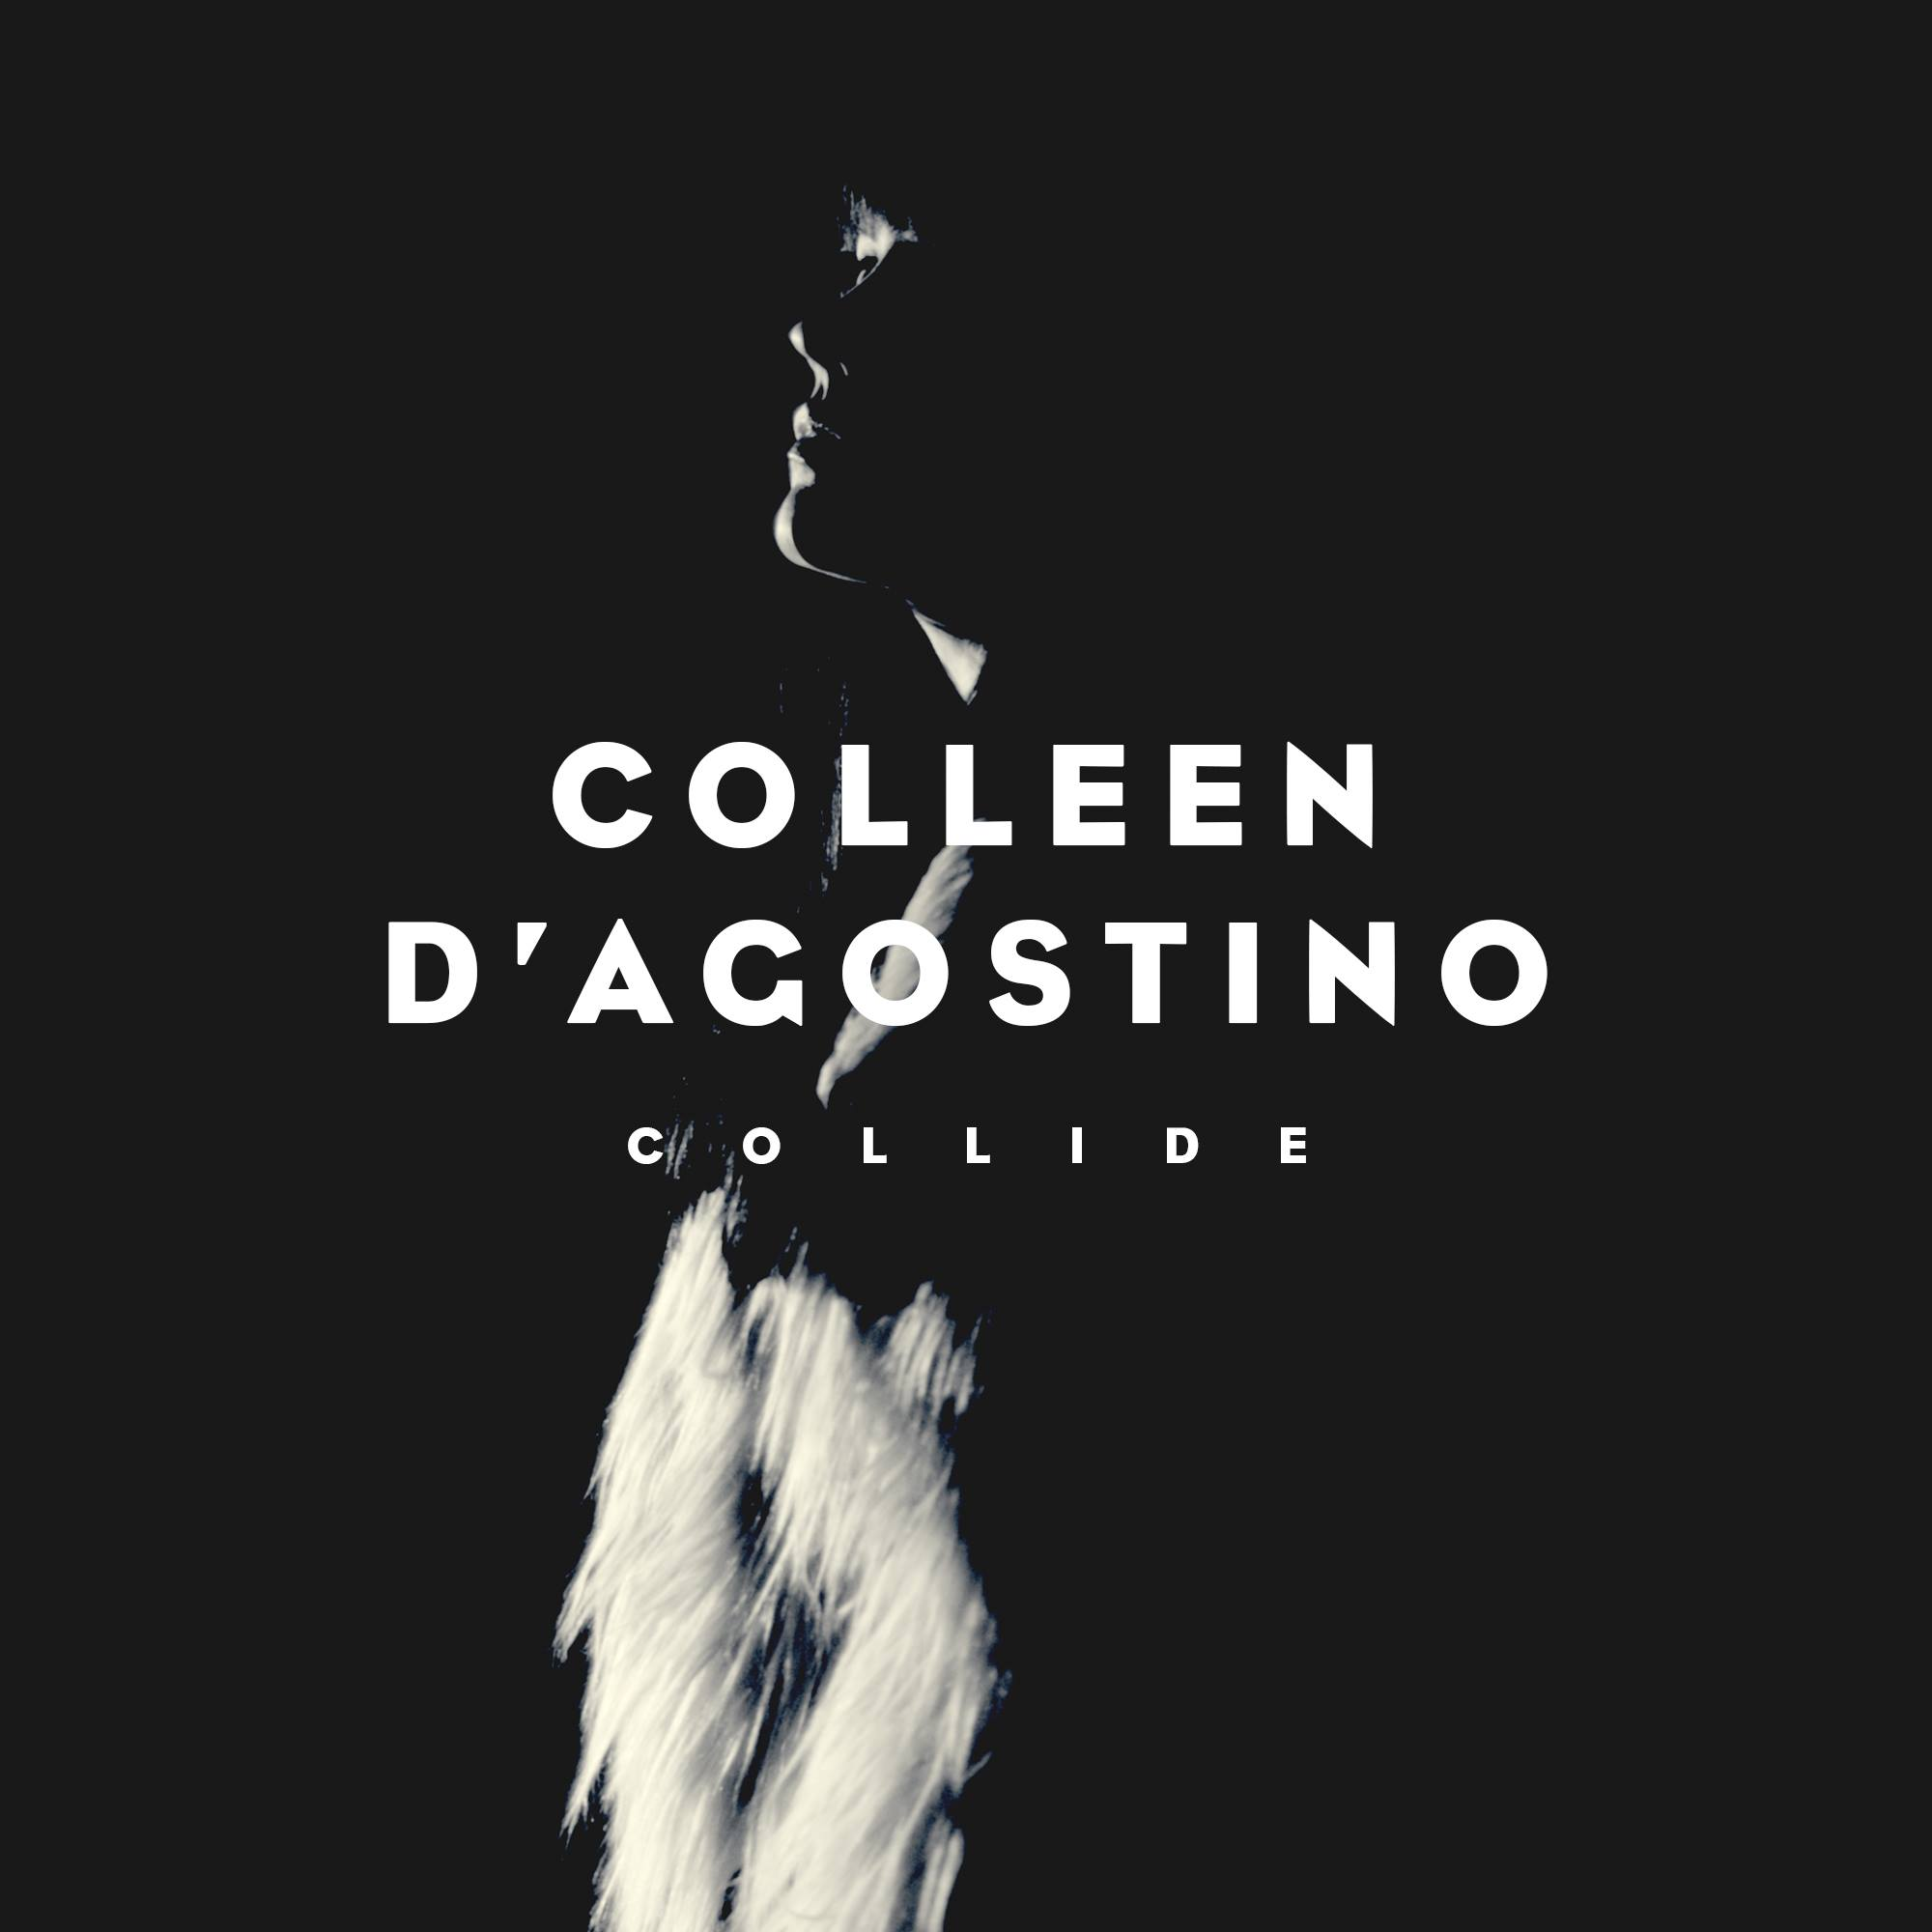 """Deadmau5 lança edit de 9 minutos da colaboração com Colleen d'Agostino, """"Stay"""""""